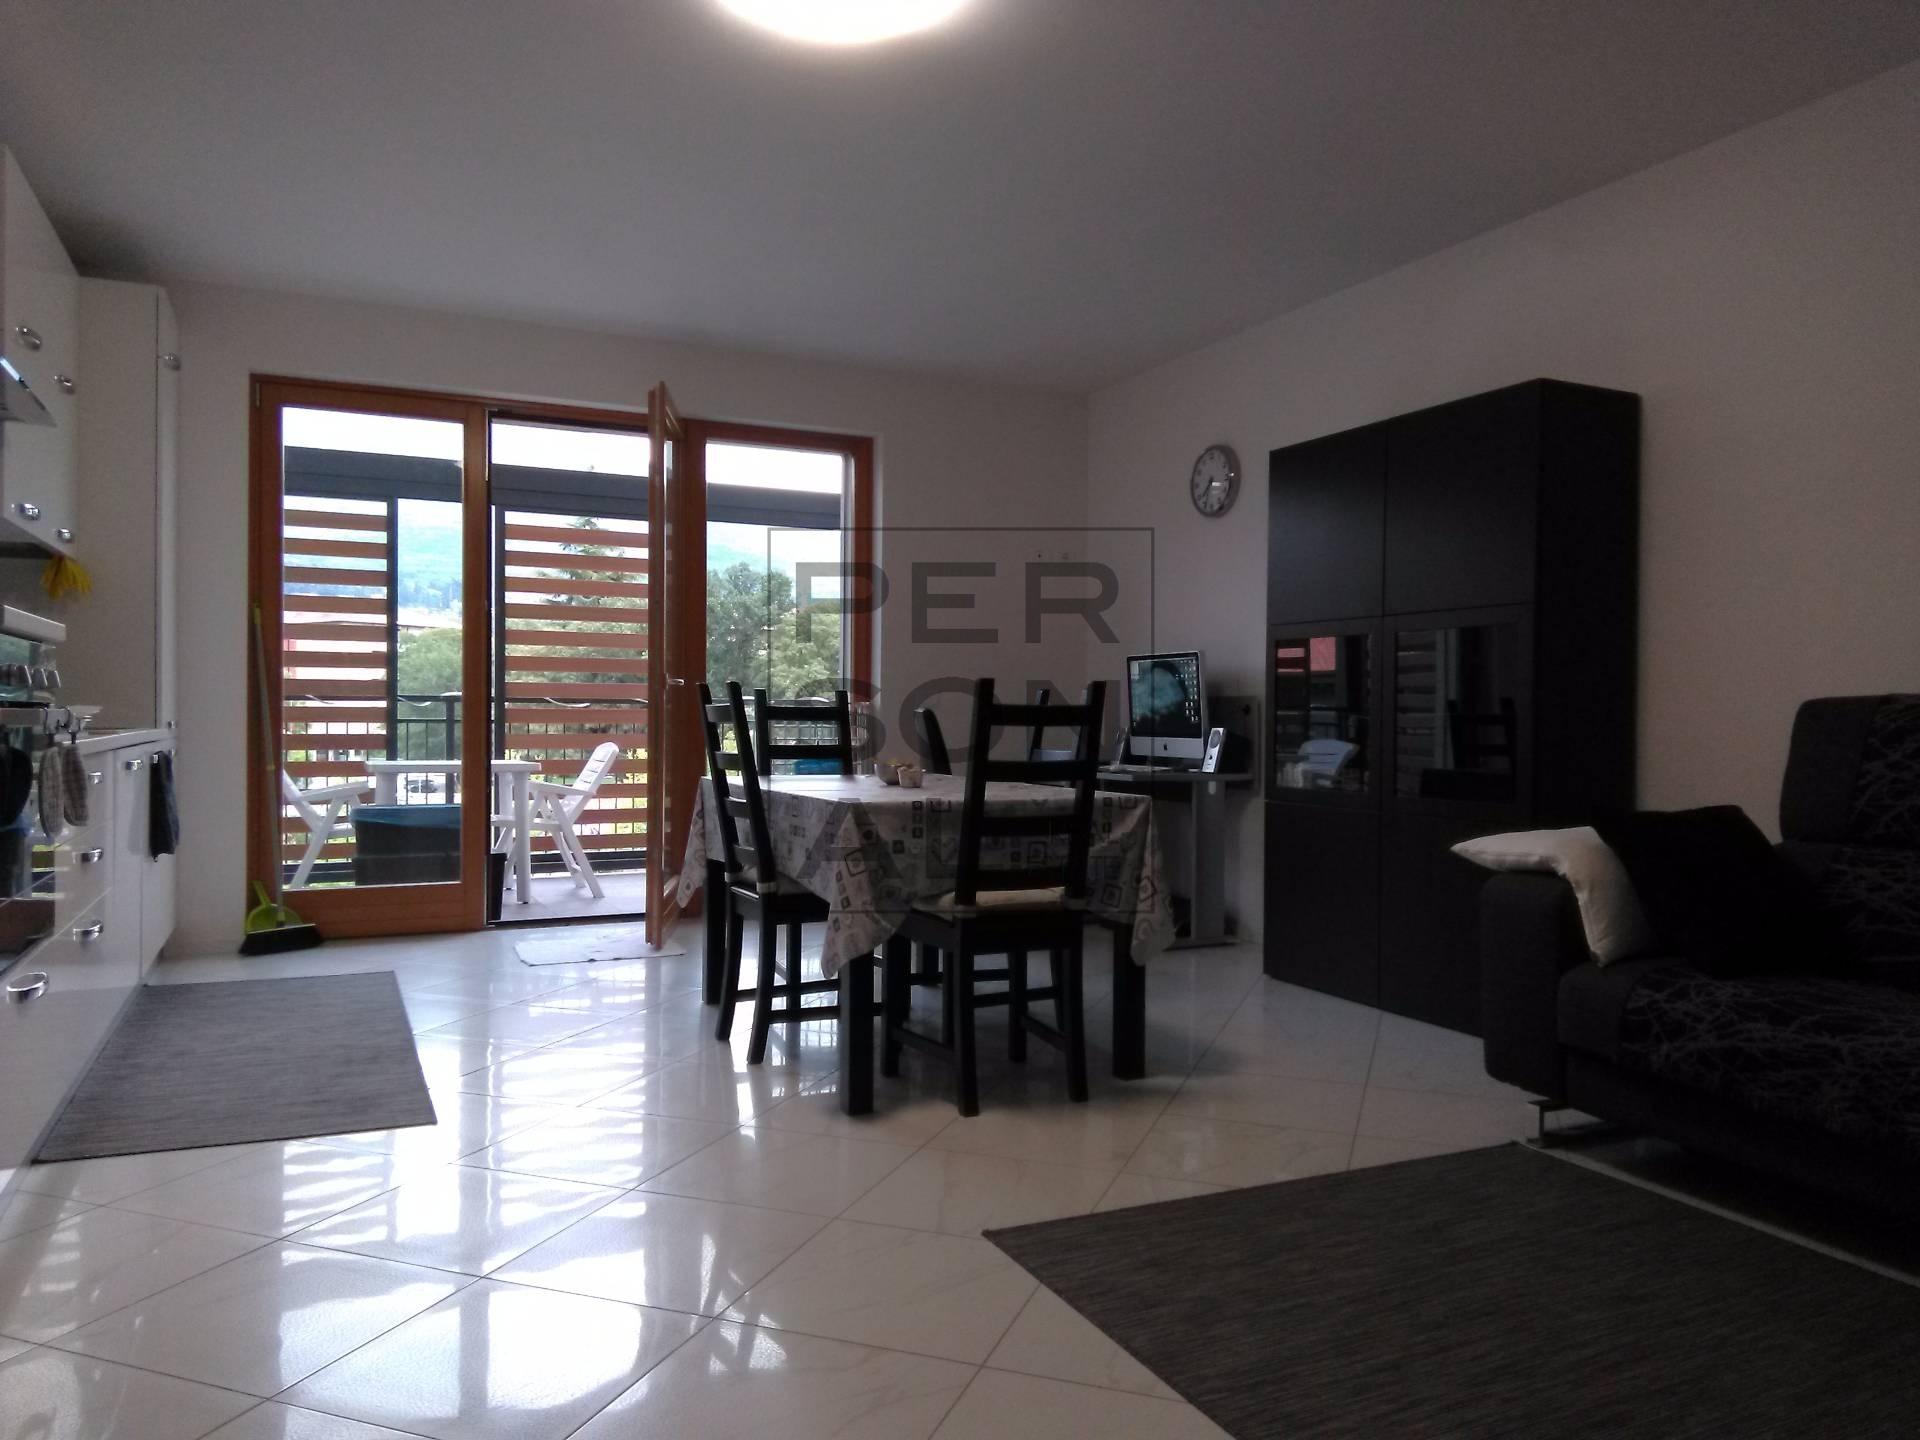 Appartamento in affitto a Rovereto, 3 locali, zona Zona: Sacco, prezzo € 750   CambioCasa.it